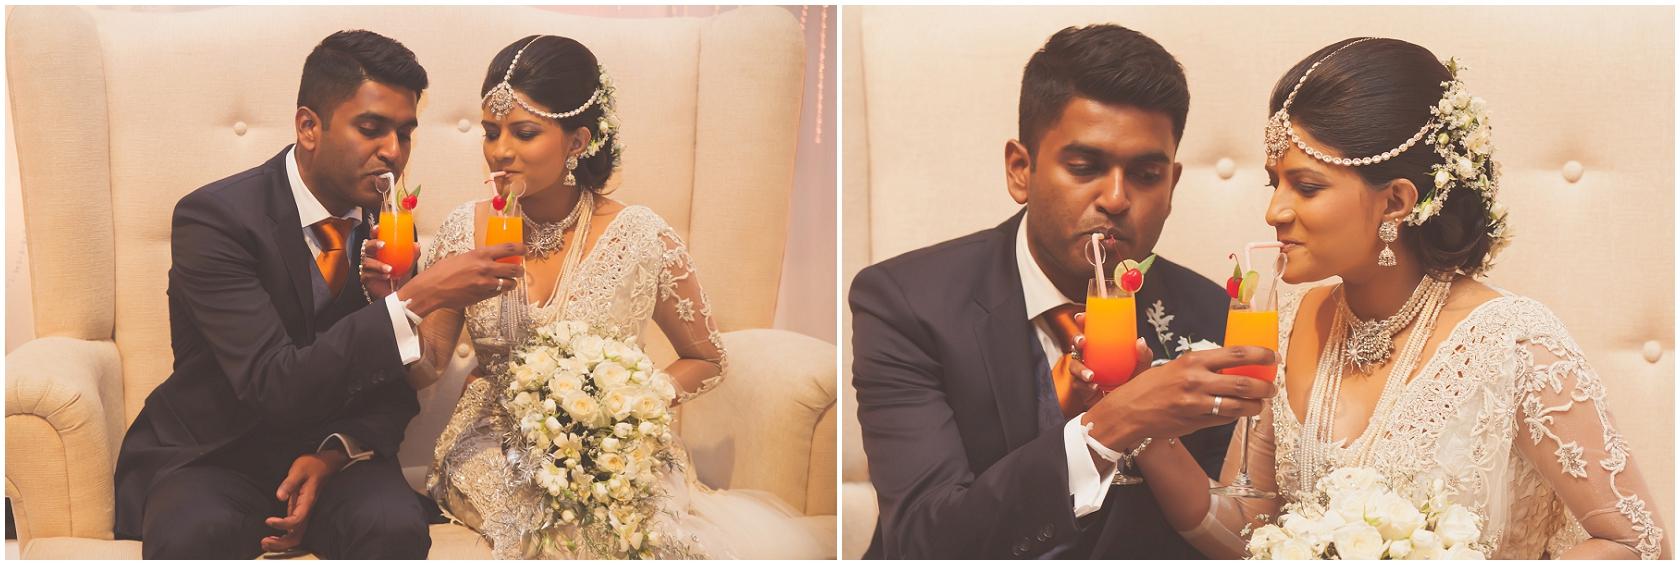 Lakshan + Beleni